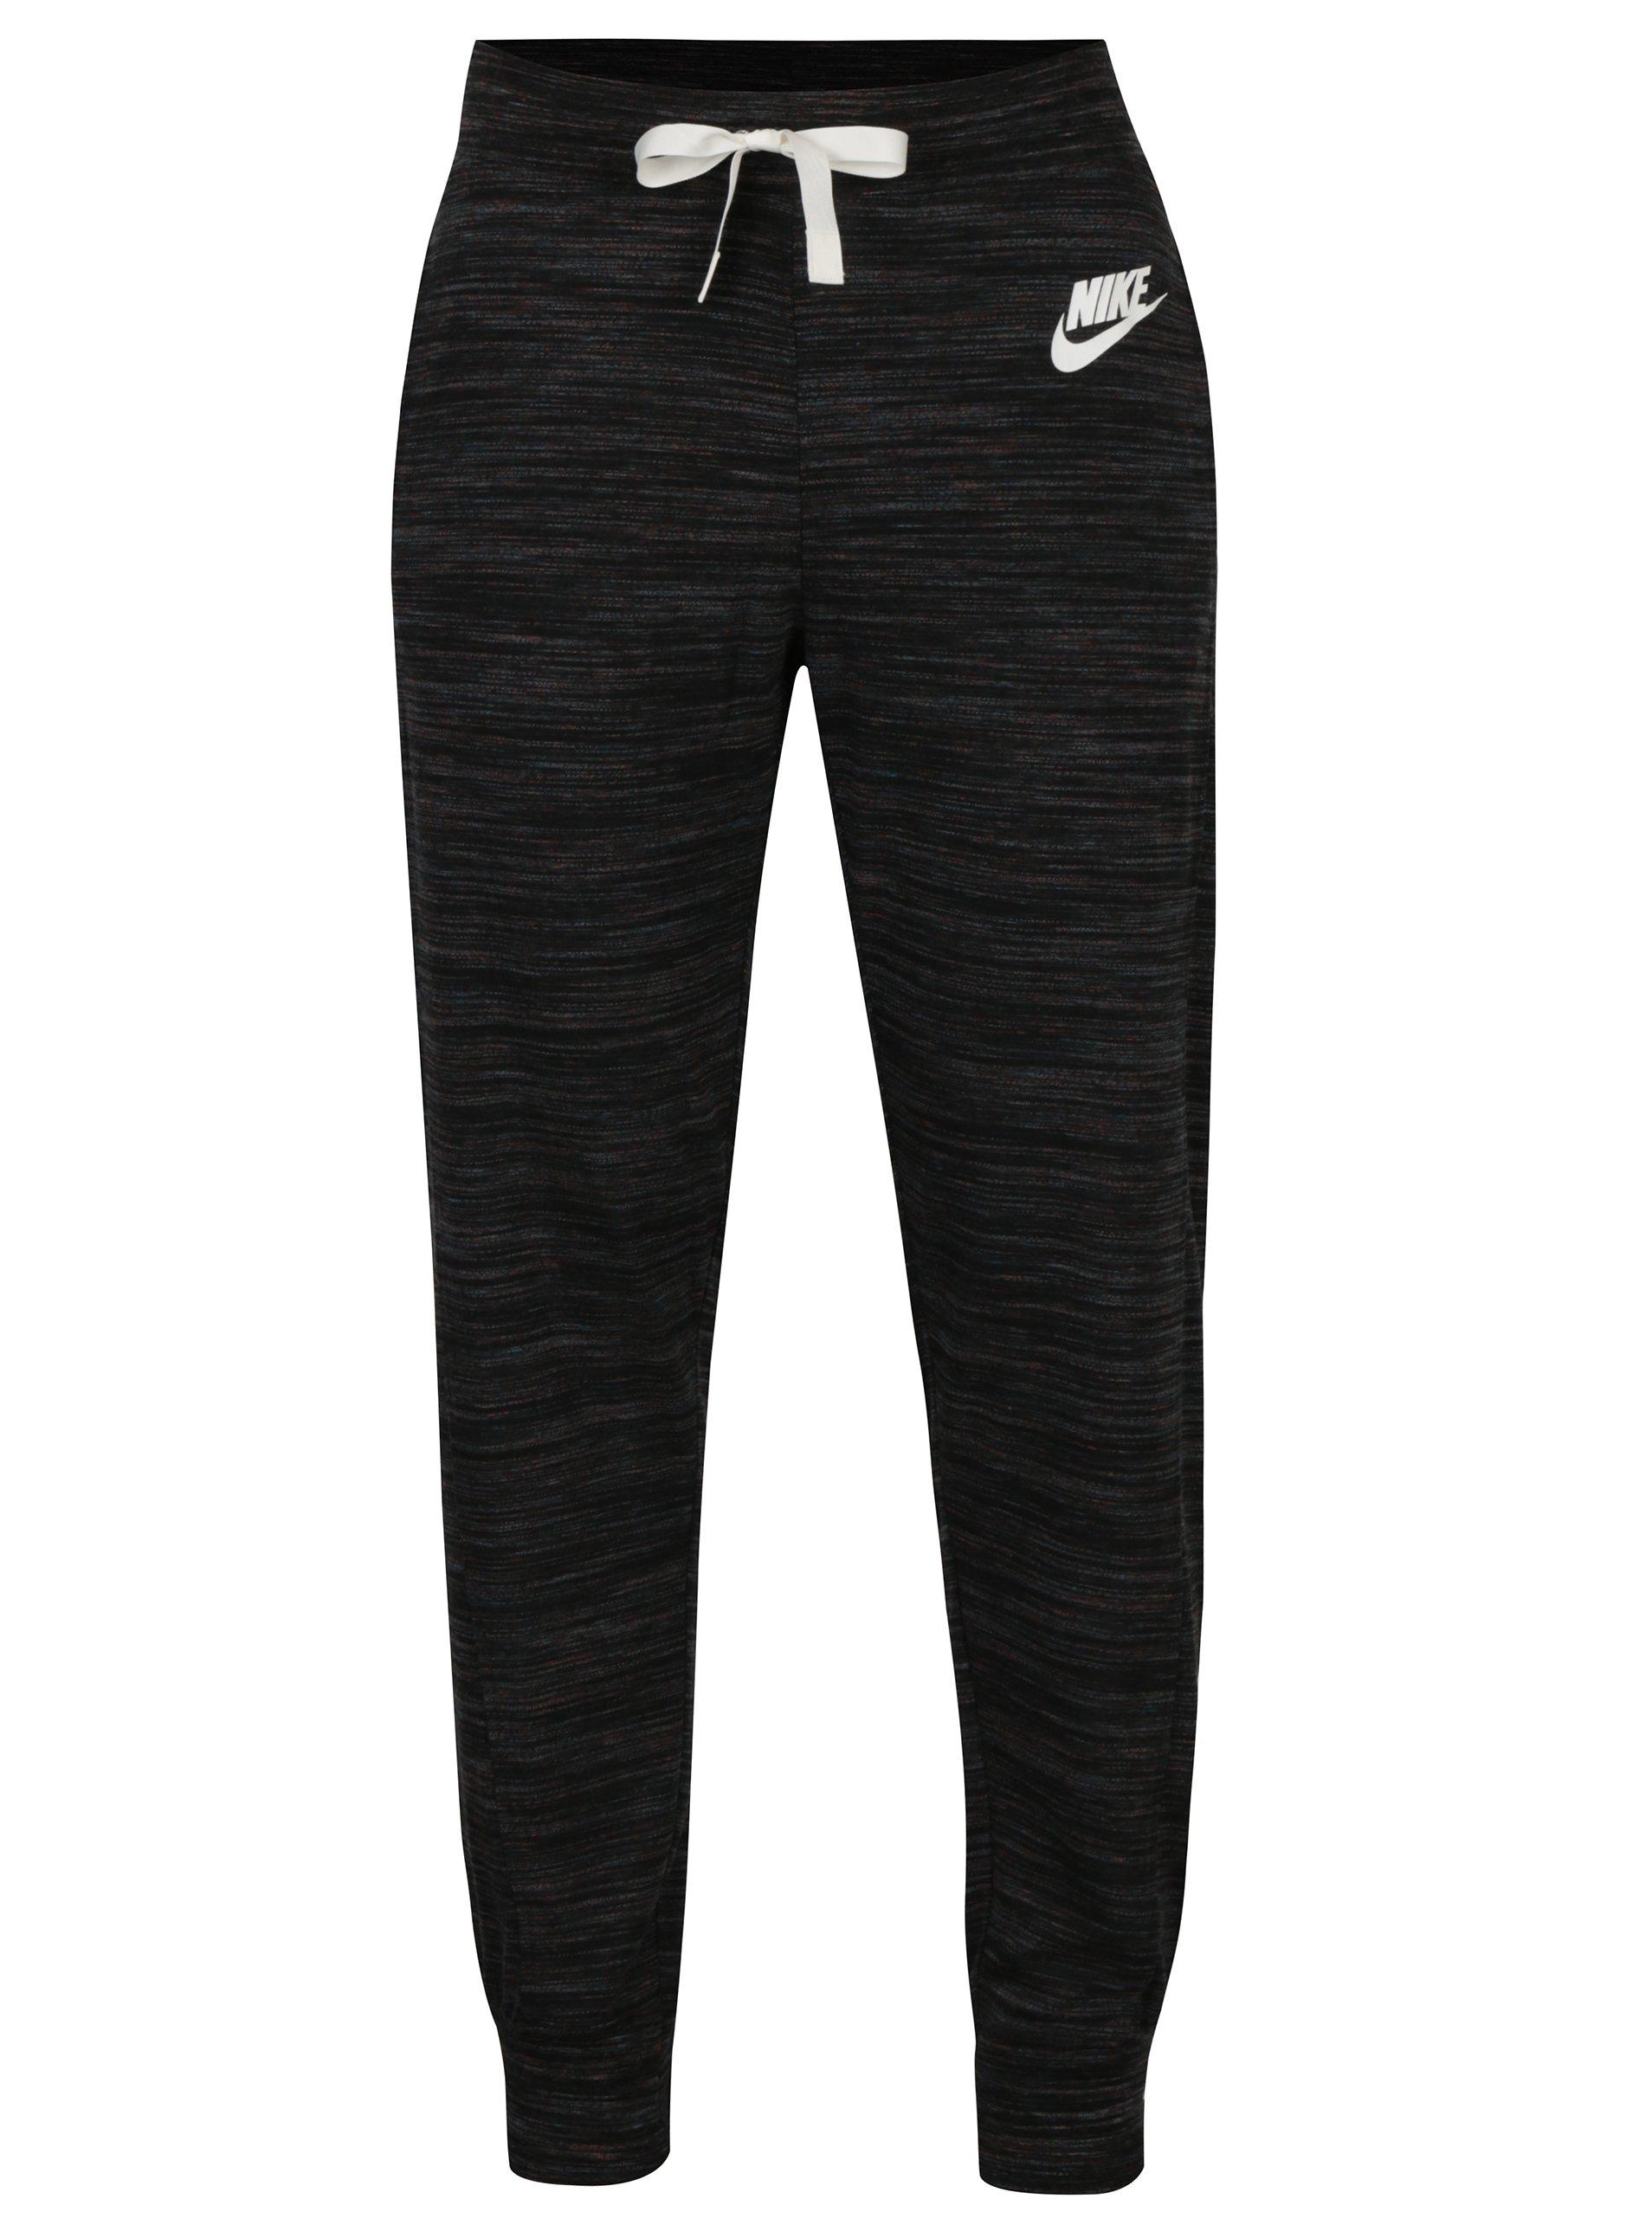 Černé dámské žíhané tepláky Nike Sportswear Gym